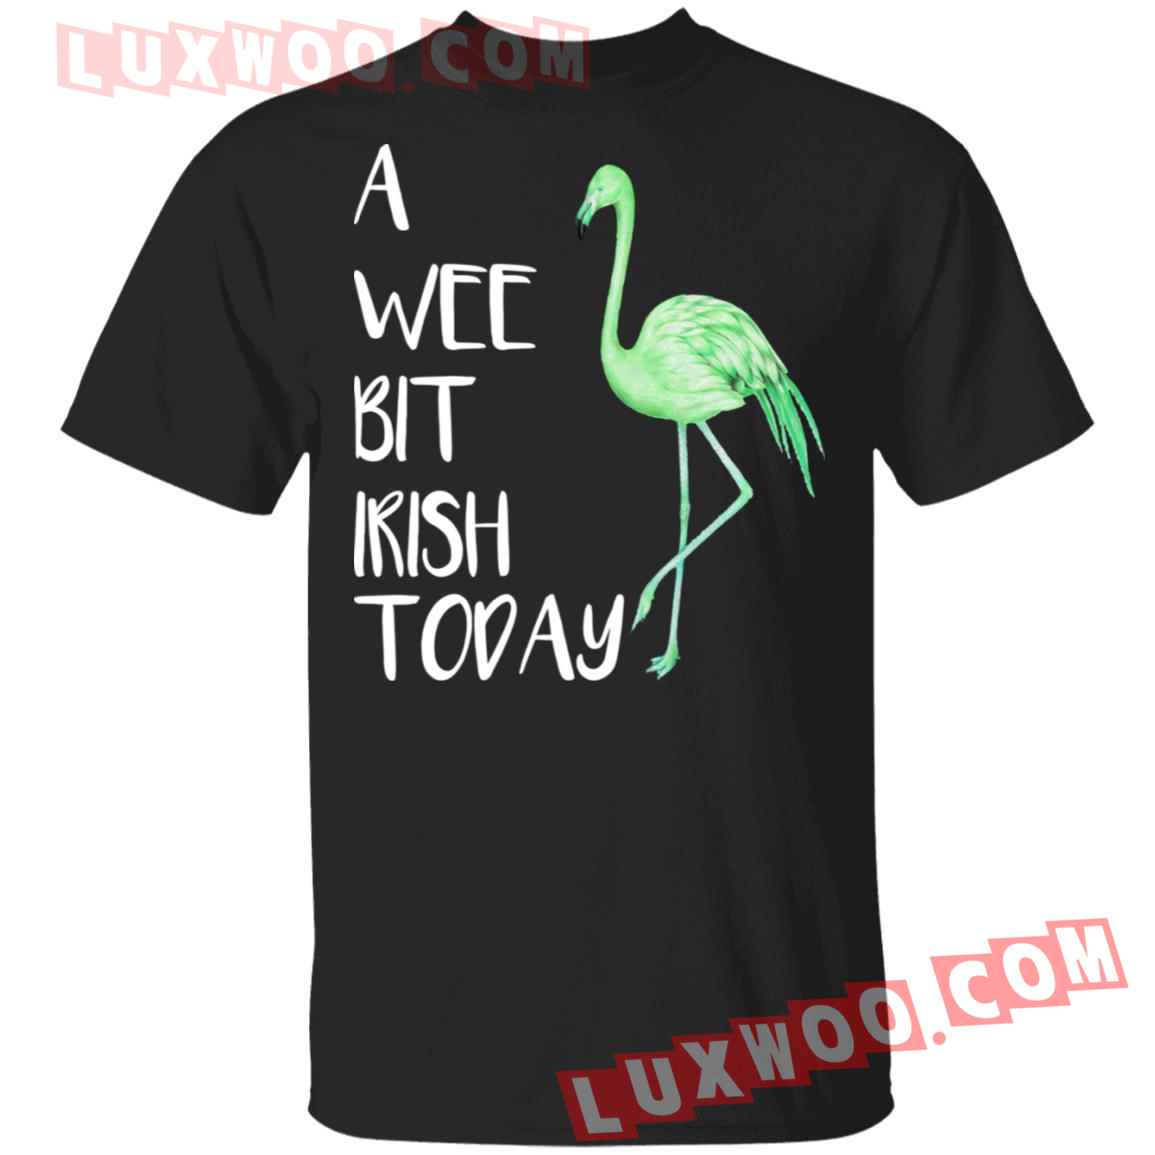 Flamingo A Wee Bit Irish Today Shirt